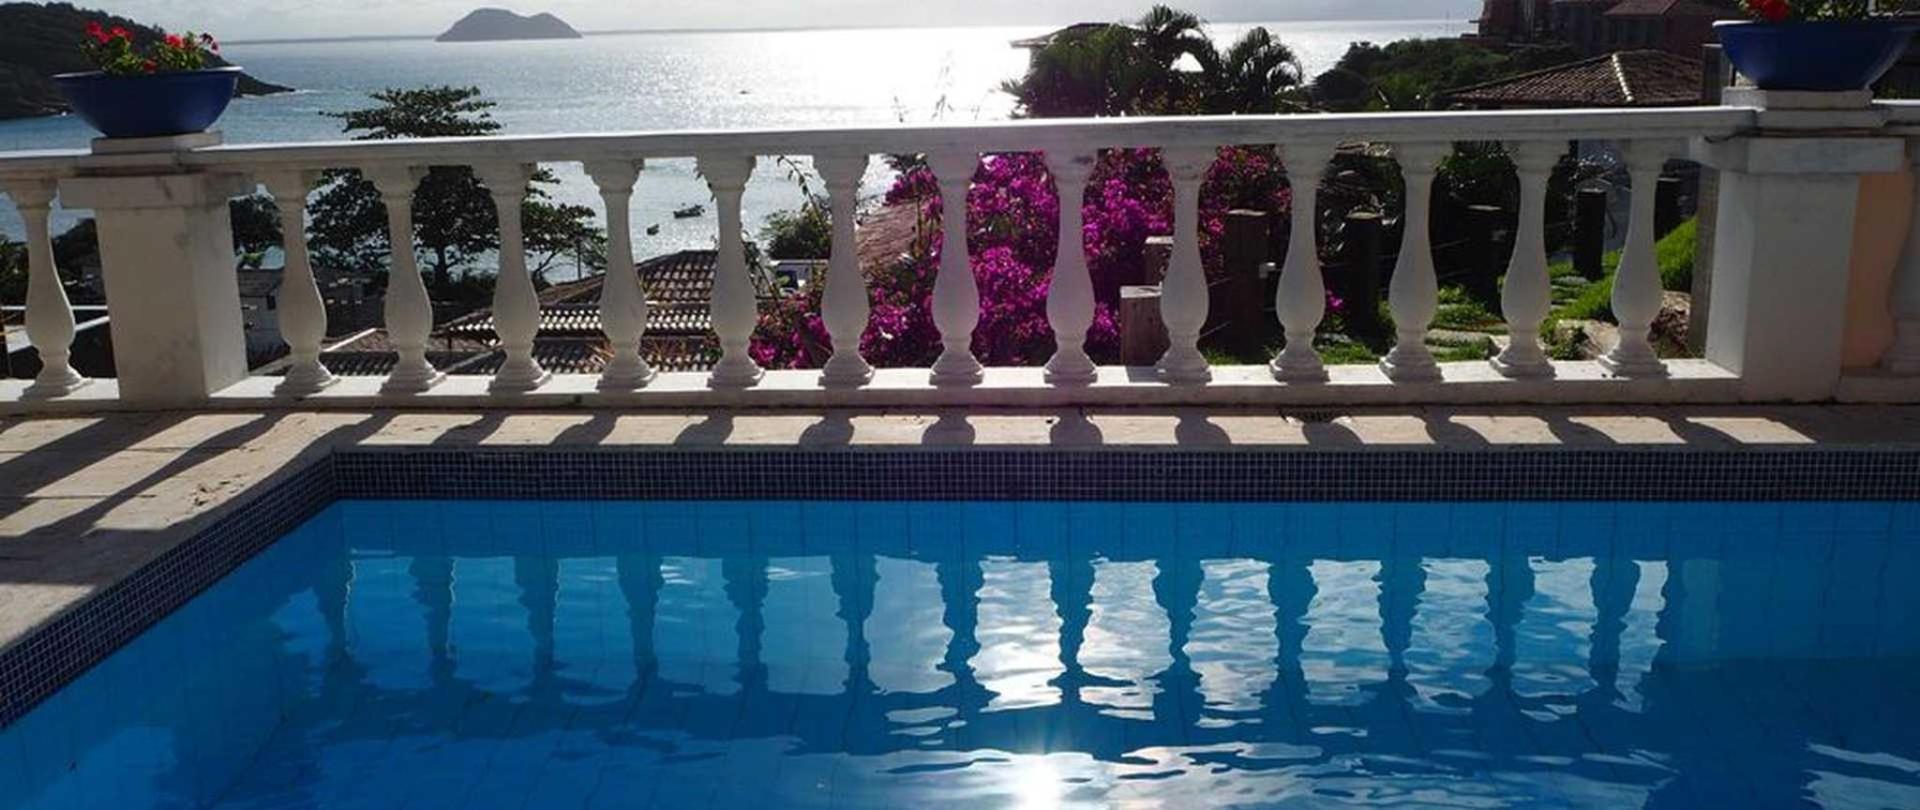 Pool.jpg.1920x810_default.jpeg